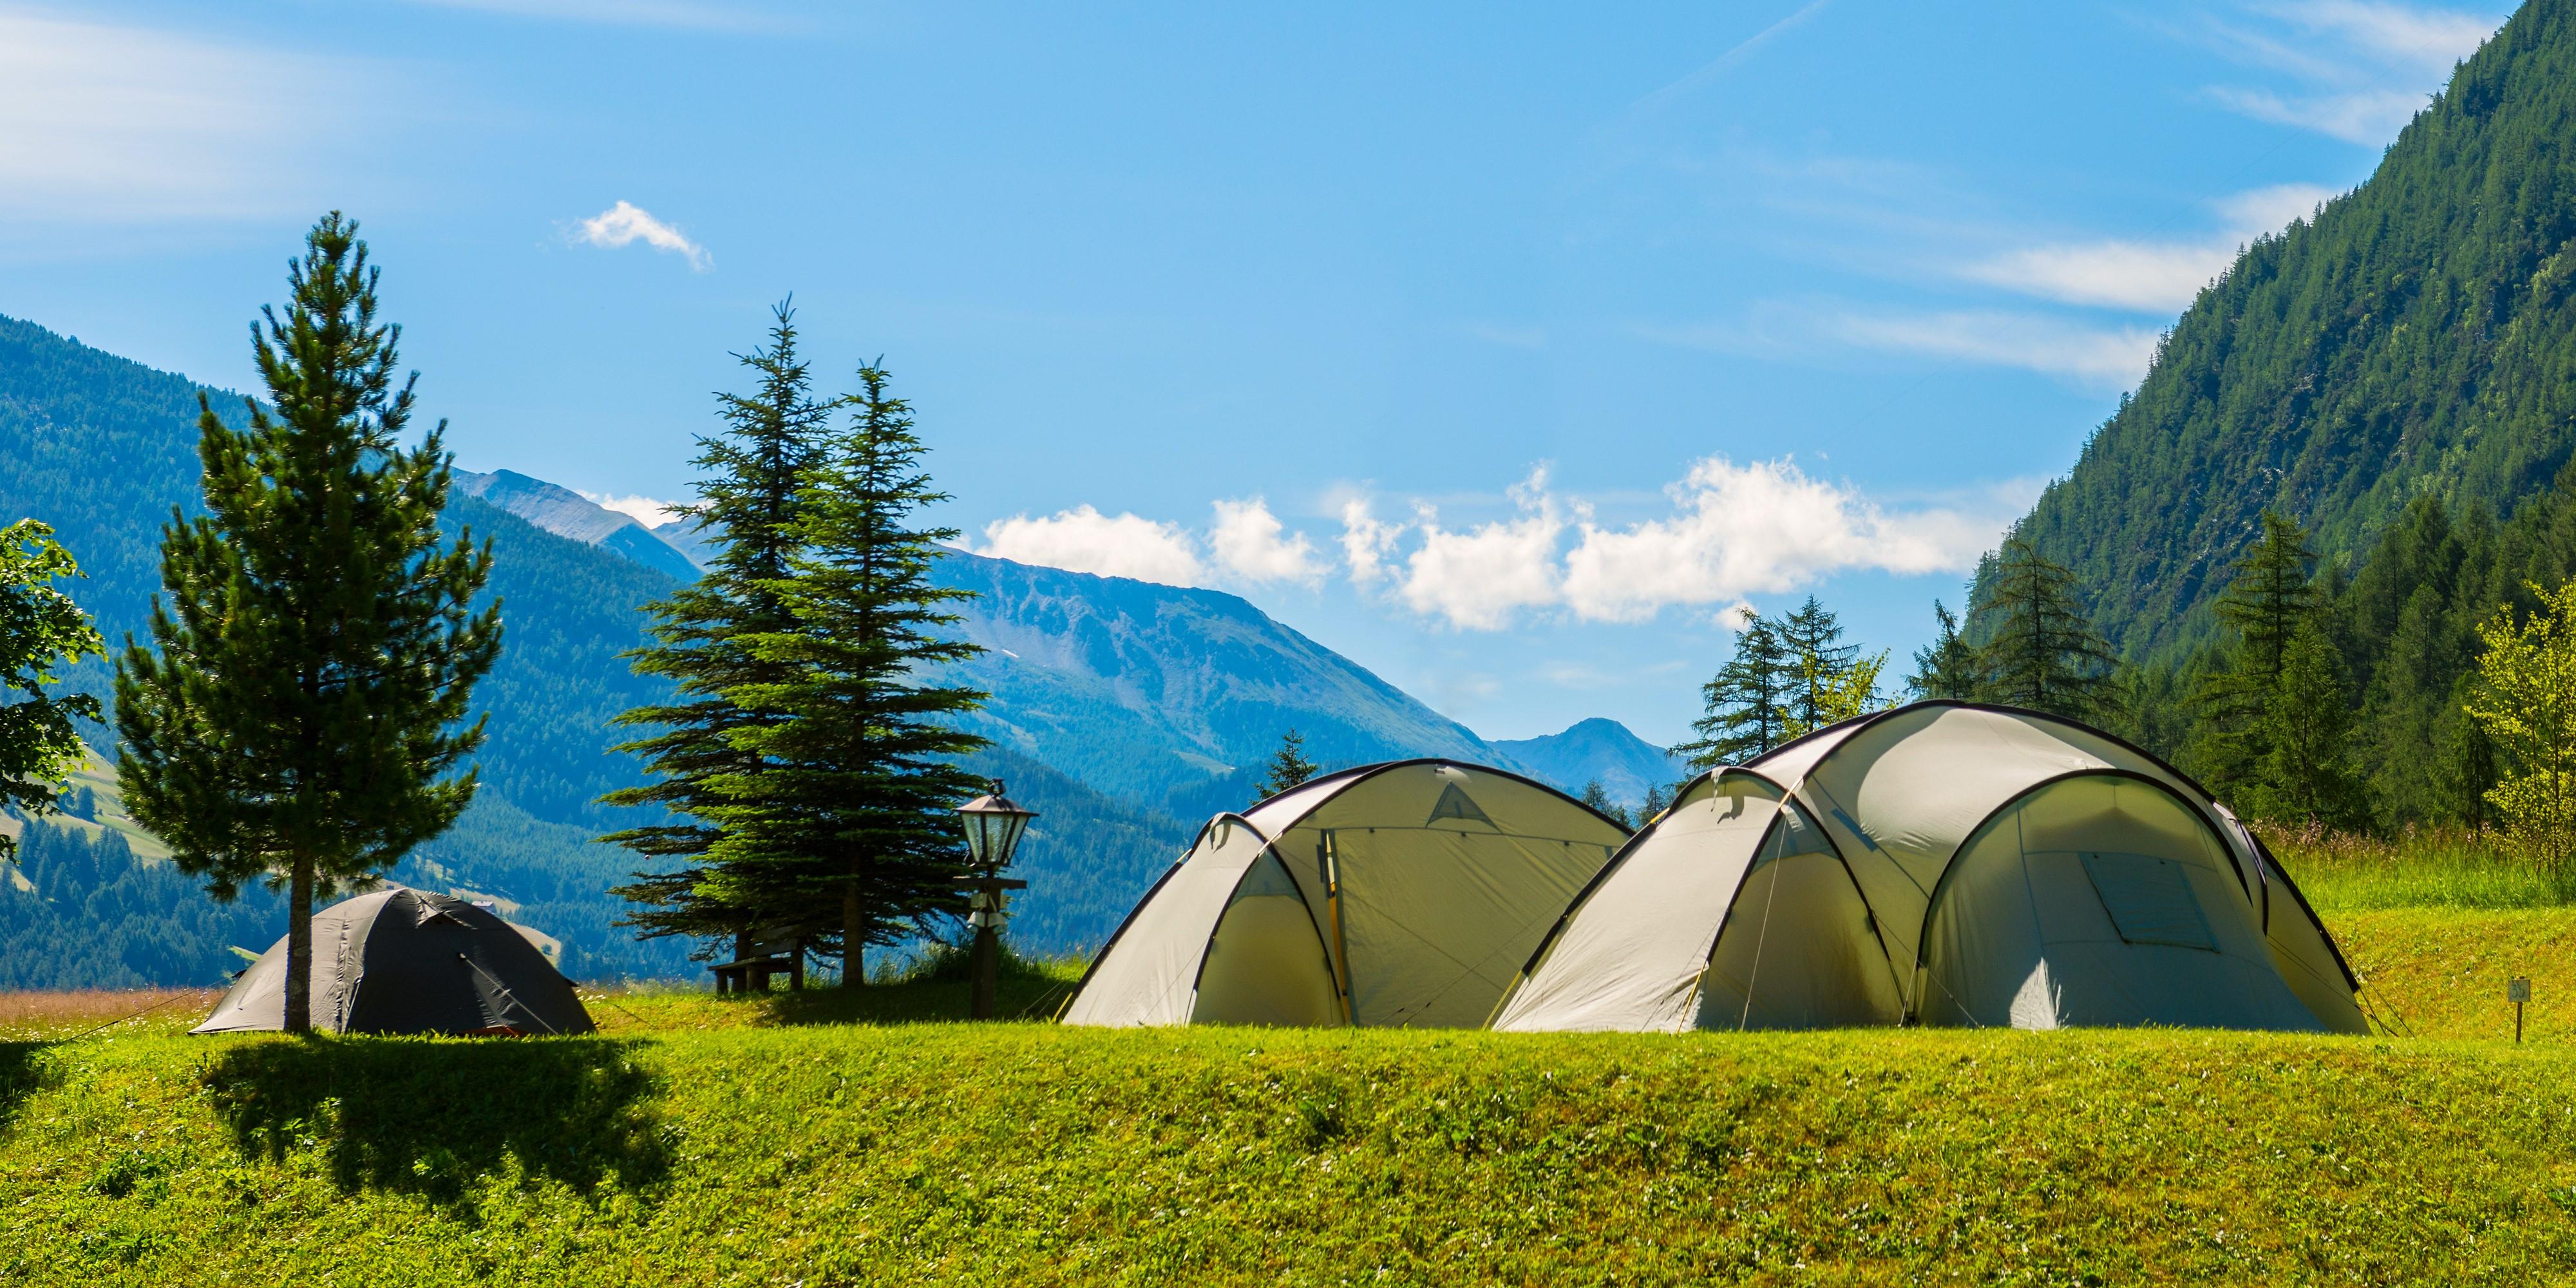 Die Wahl zum Top Campingplatz 2019